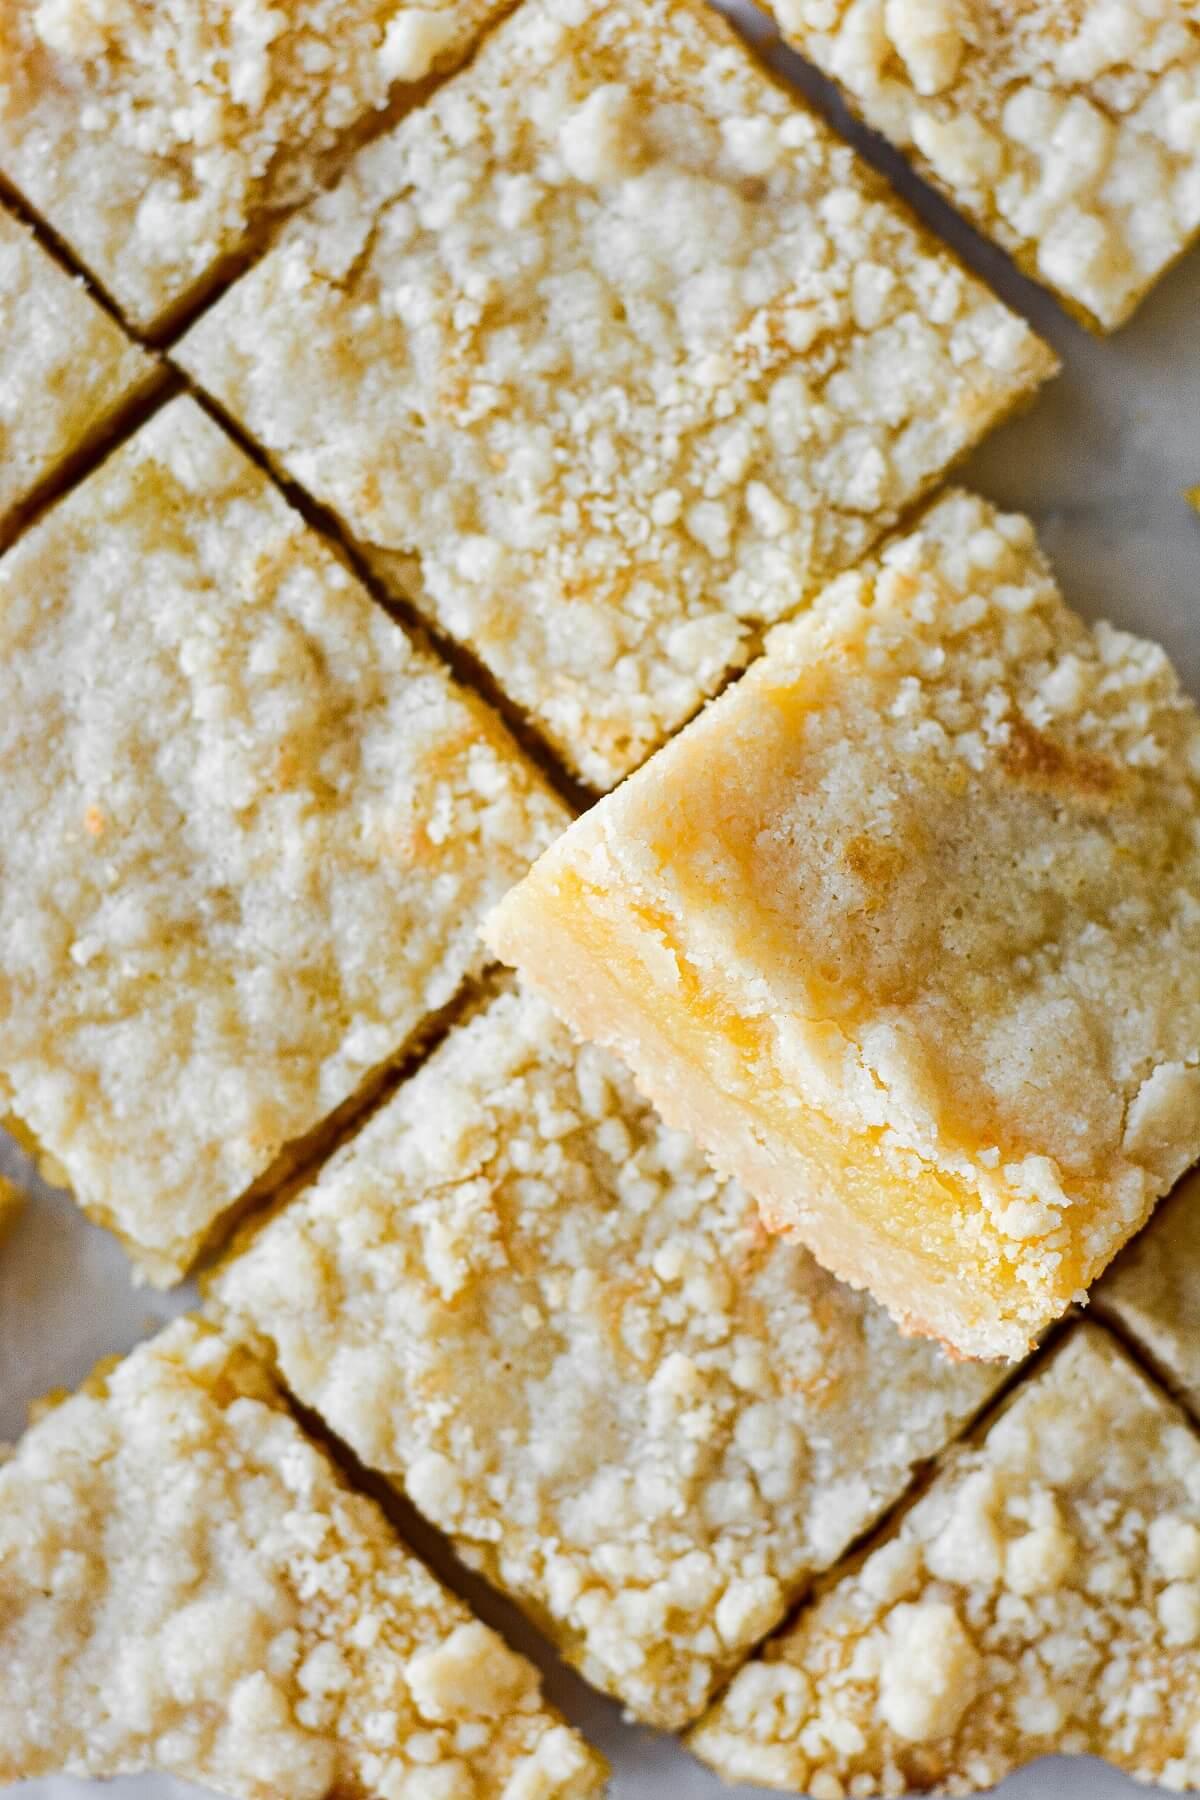 Lemon crumb bars, cut diagonally.